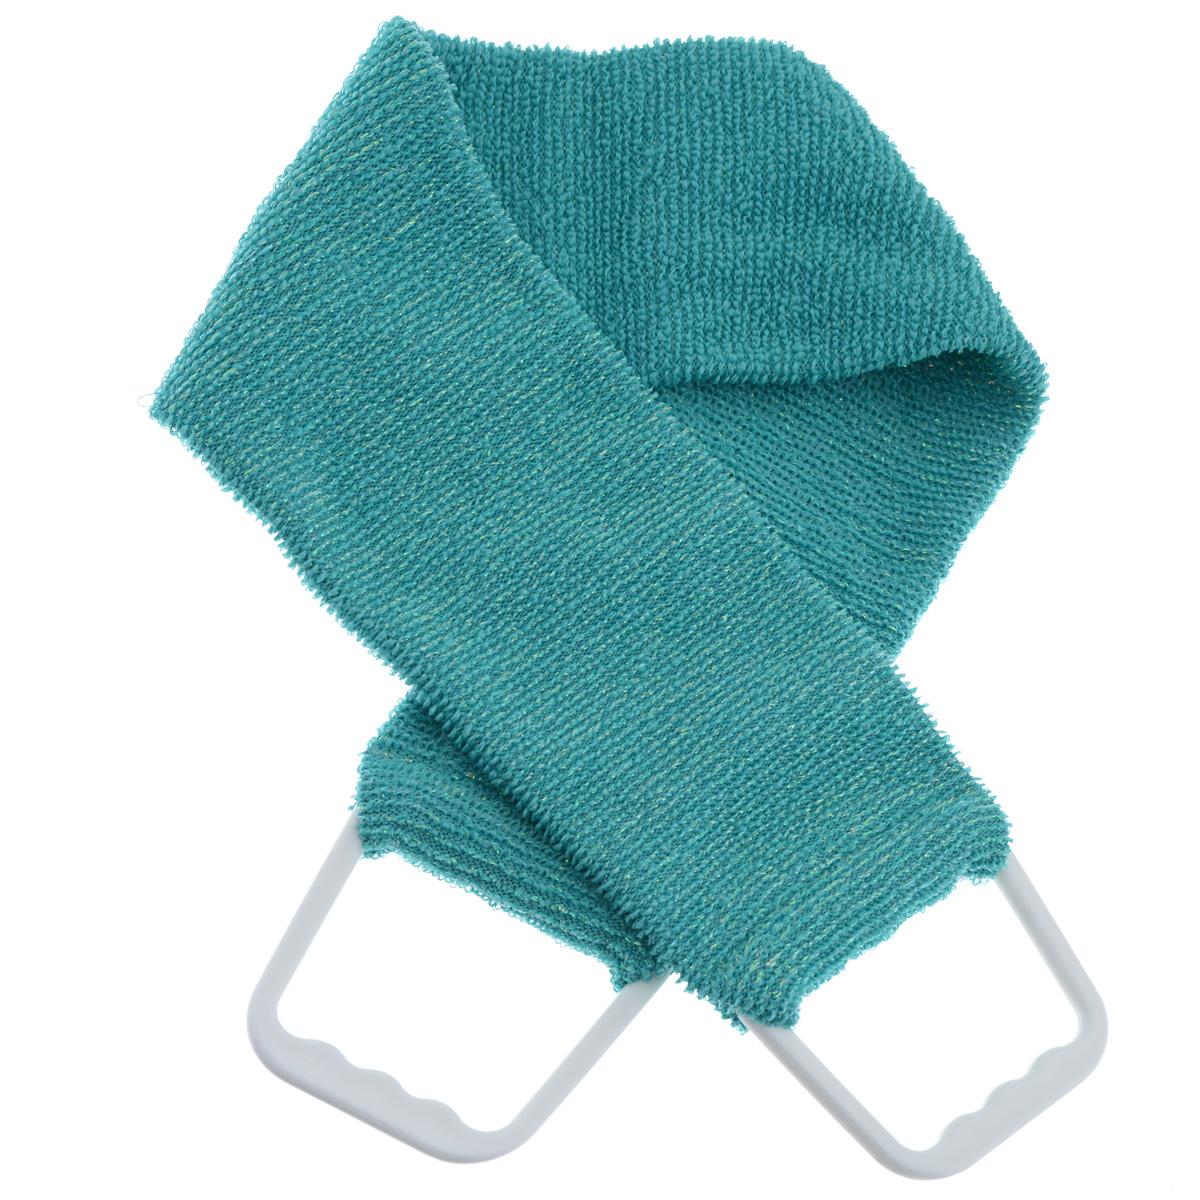 Мочалка 927, цвет: бирюзовый927 бирюзовыйДвухсторонняя мочалка-пояс Riffi применяется для мытья тела, отлично действует как пилинговое средство, тонизируя, массируя и эффективно очищая вашу кожу. Мягкой стороной хорошо намыливать тело и наносить косметические средства после душа. Жесткую (с люрексом) сторону пояса используют для легкого пилинга и массажа кожи. Для удобства применения пояс снабжен двумя пластиковыми ручками. Благодаря отшелушивающему эффекту мочалки-пояса, кожа освобождается от отмерших клеток, становится гладкой, упругой и свежей. Интенсивный и пощипывающе свежий массаж тела с применением Riffi стимулирует кровообращение, активирует кровоснабжение, способствует обмену веществ, что в свою очередь позволяет себя чувствовать бодрым и отдохнувшим после принятия душа или ванны. Riffi регенерирует кожу, делает ее приятно нежной, мягкой и лучше готовой к принятию косметических средств. Приносит приятное расслабление всему организму. Борется со спазмами и болями в мышцах, предупреждает образование целлюлита и обеспечивает омолаживающий эффект. Гипоаллергенная.